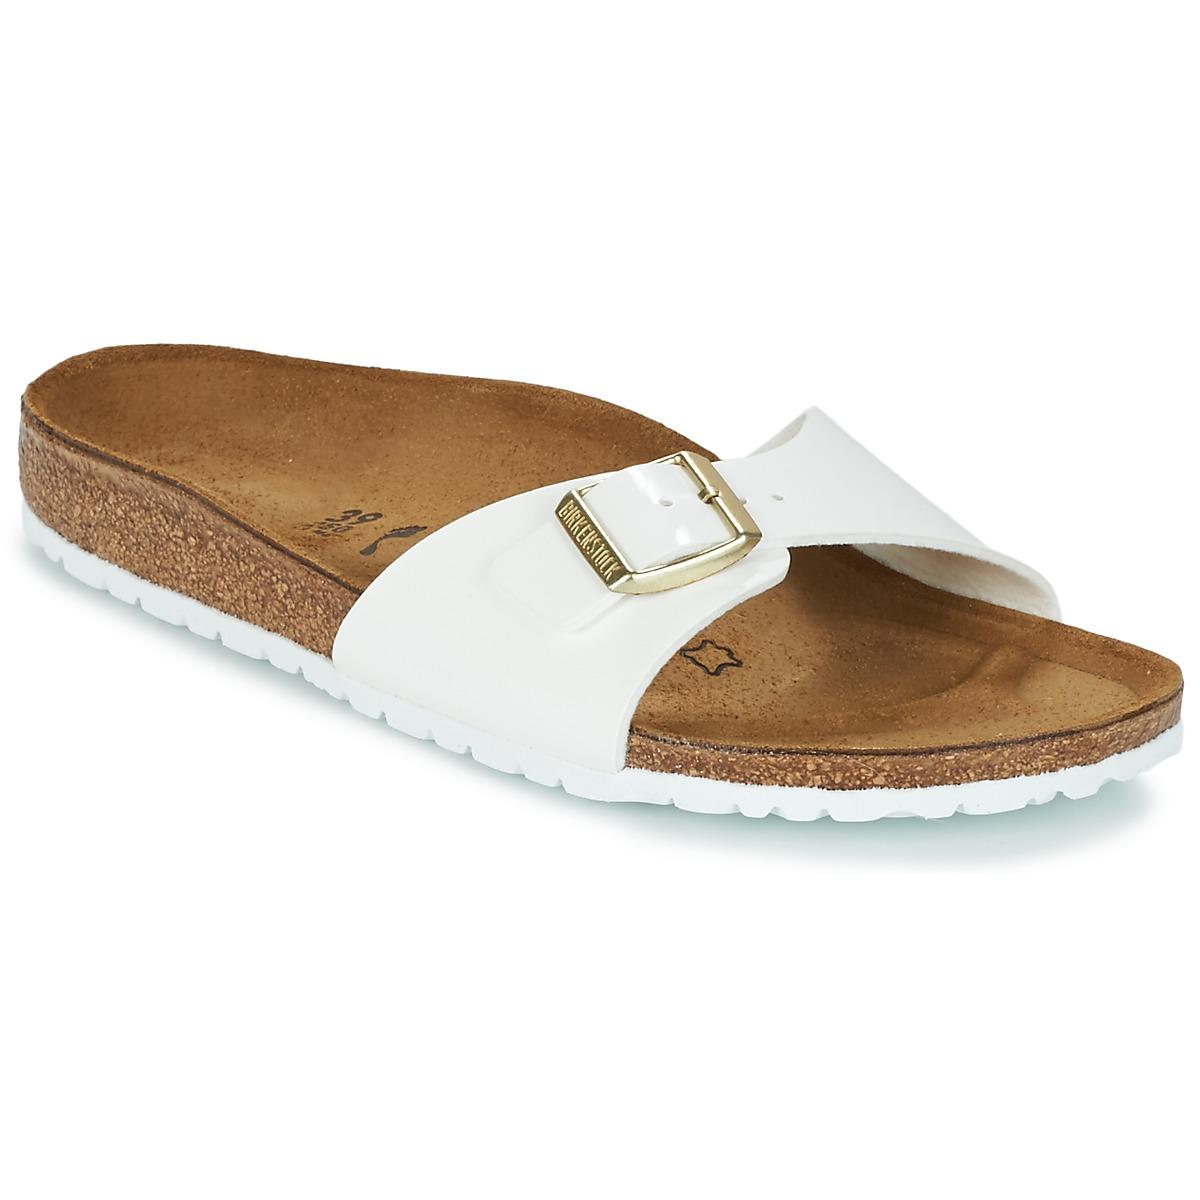 Birkenstock MADRID Weiss / Gold - Kostenloser Versand bei Spartoode ! - Schuhe Pantoffel Damen 47,99 €